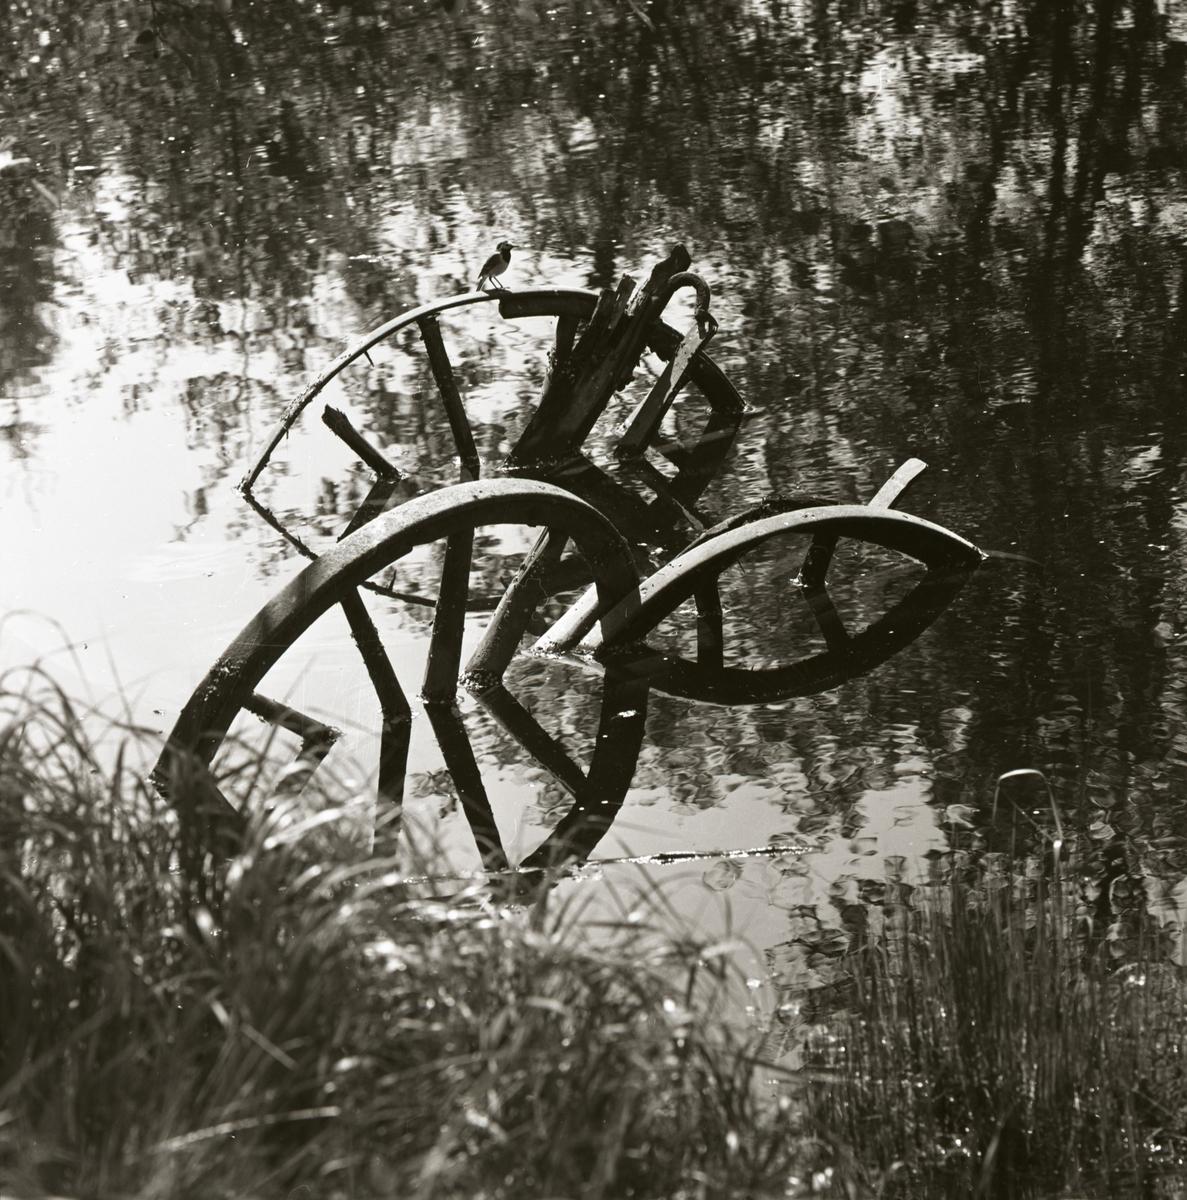 En sädesärla sitter på ett hjul i ett vattendrag, sommaren 1965.